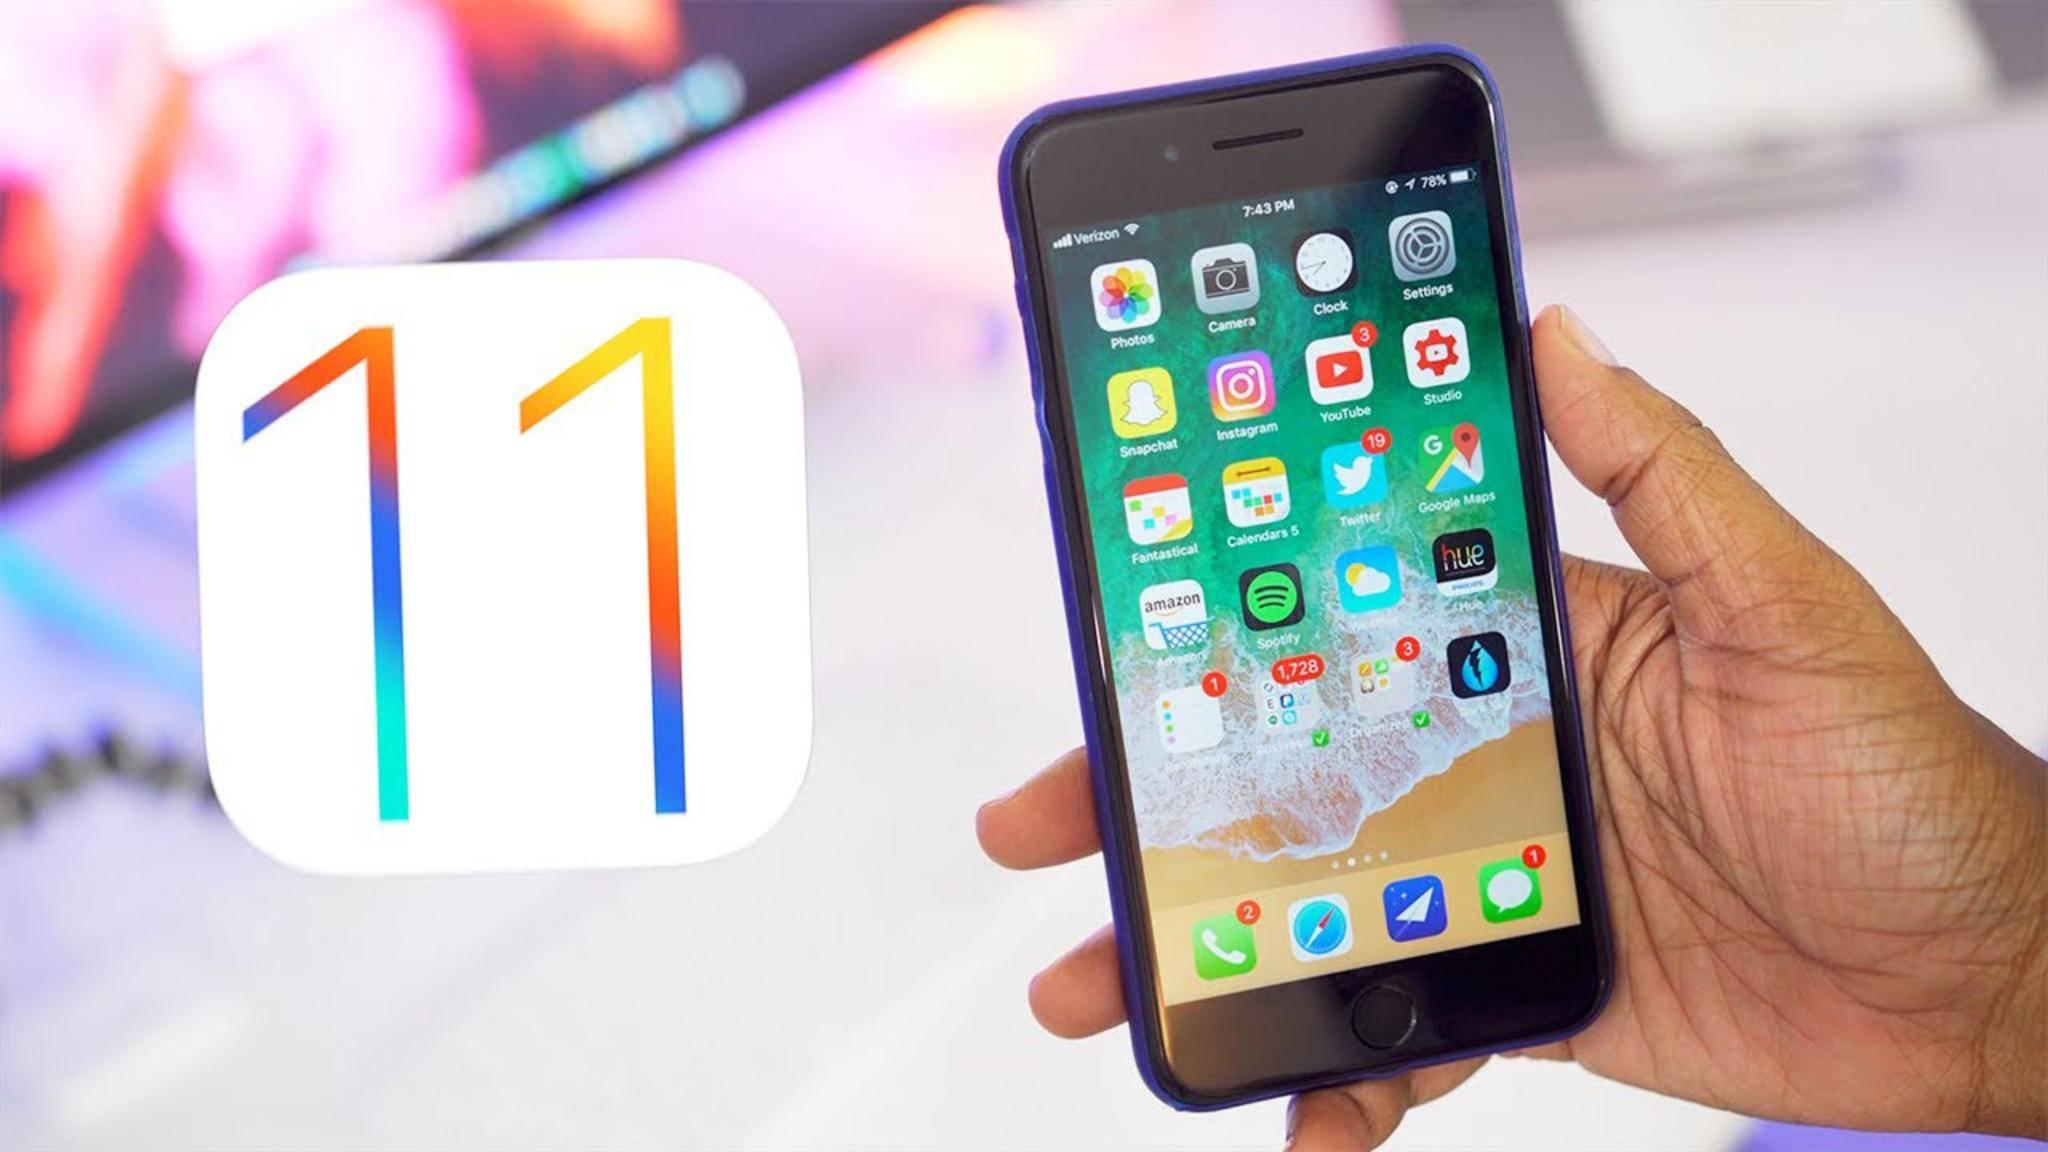 Wann wird Apple iOS 11 veröffentlichen? Auf der Keynote dürfte diese Frage beantwortet werden.